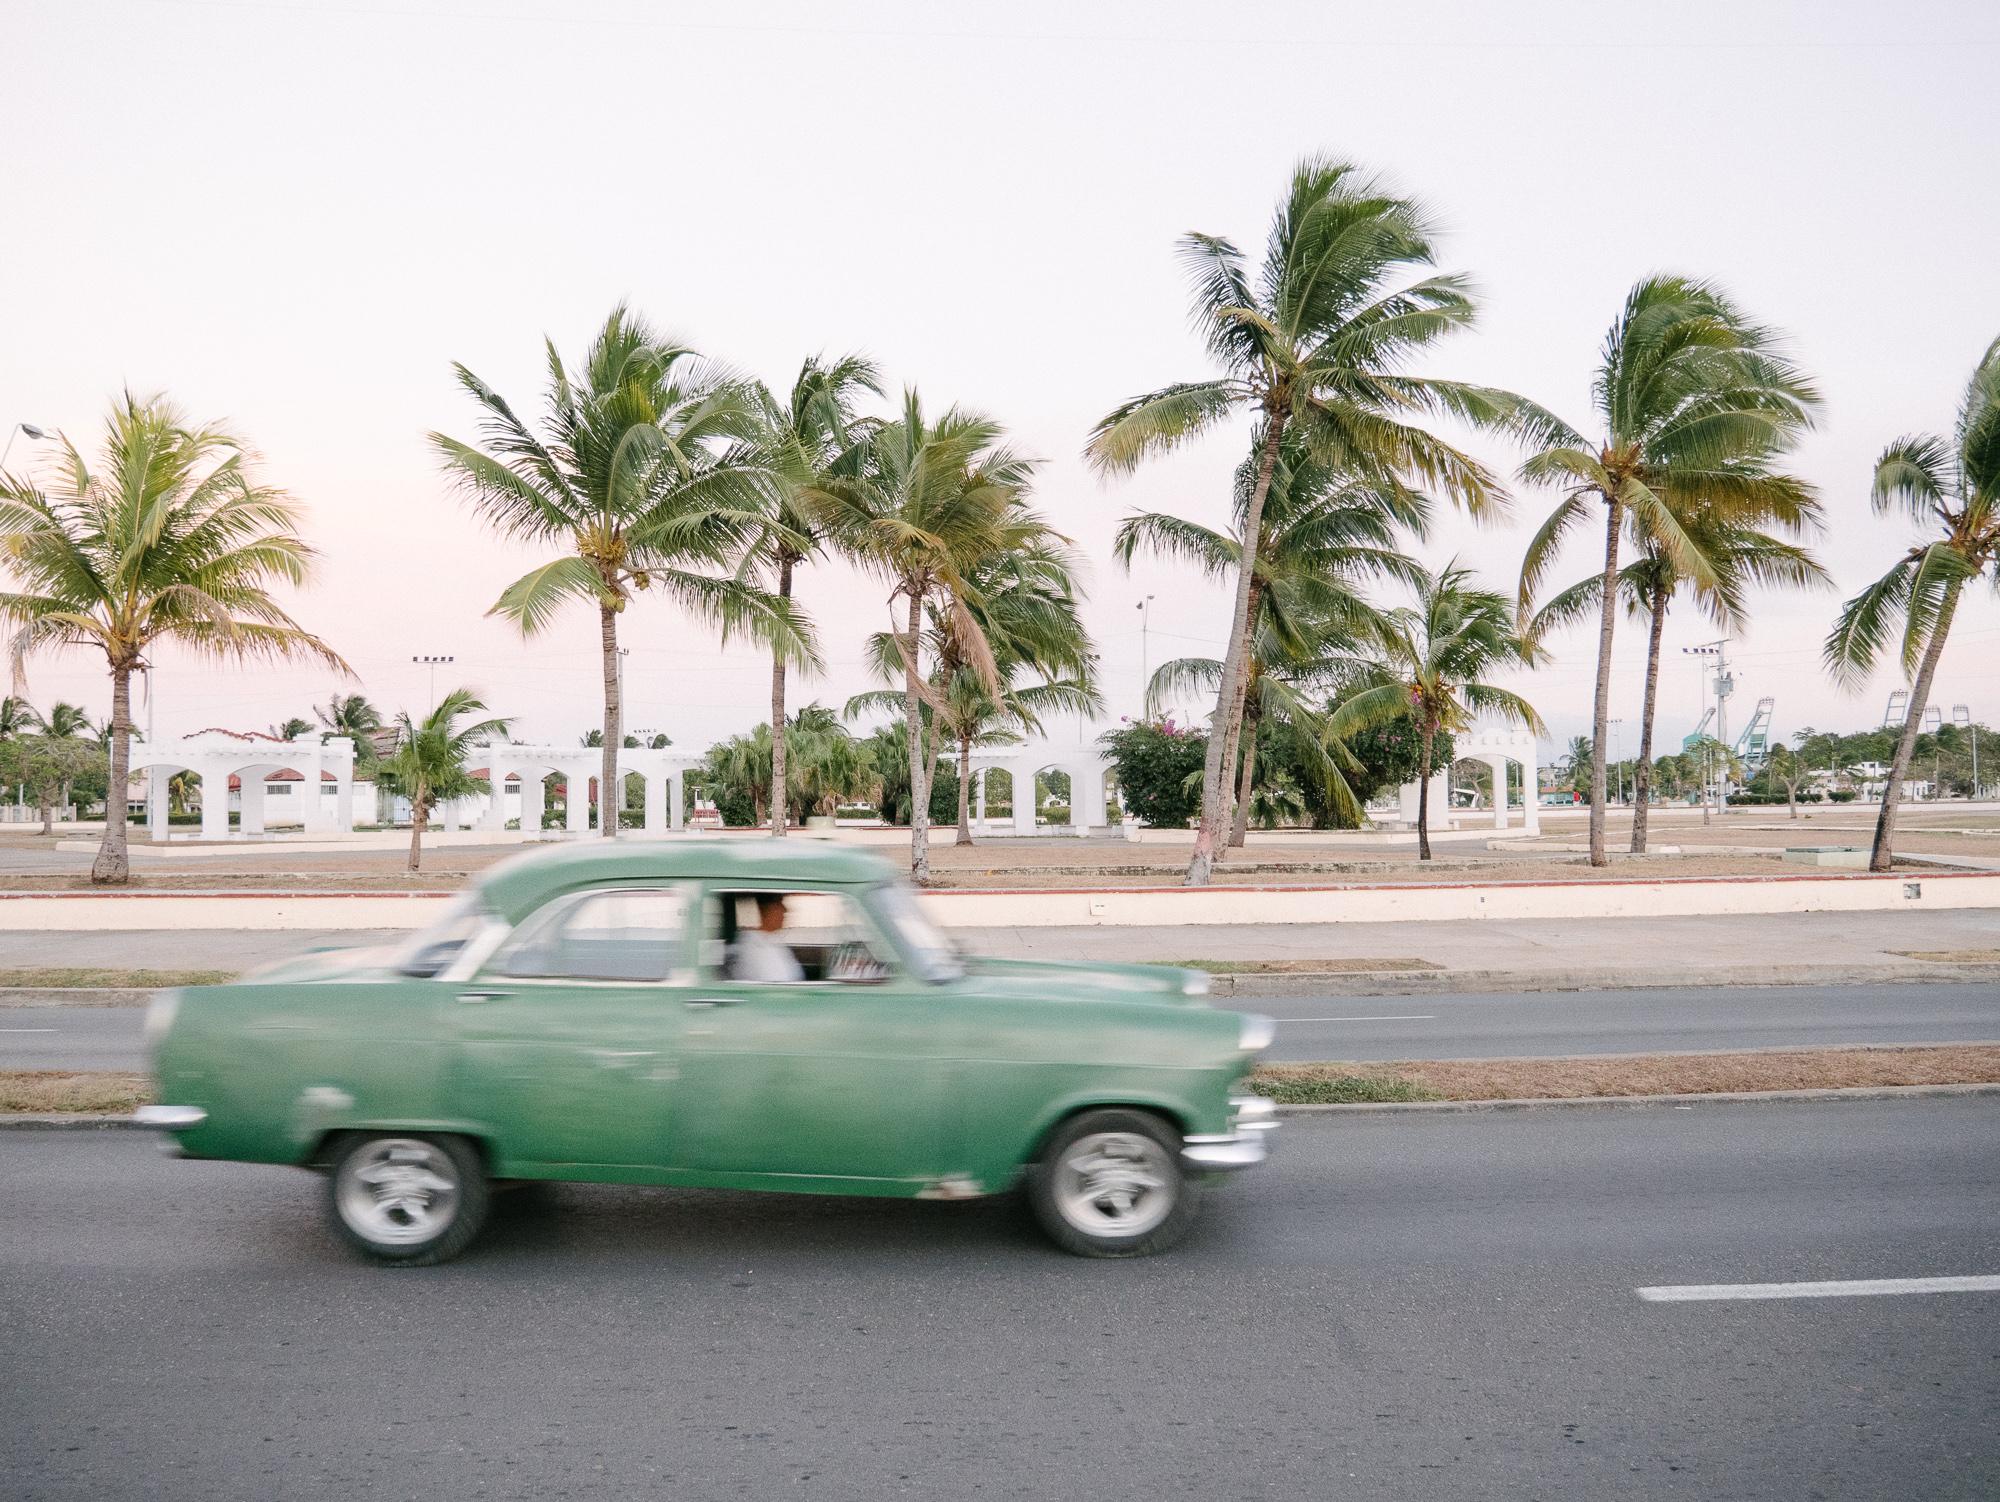 cienfuegos-cuba-malecon-calle37-punta-gorda-paseo-del-prado-free-travel-guide-2.jpg